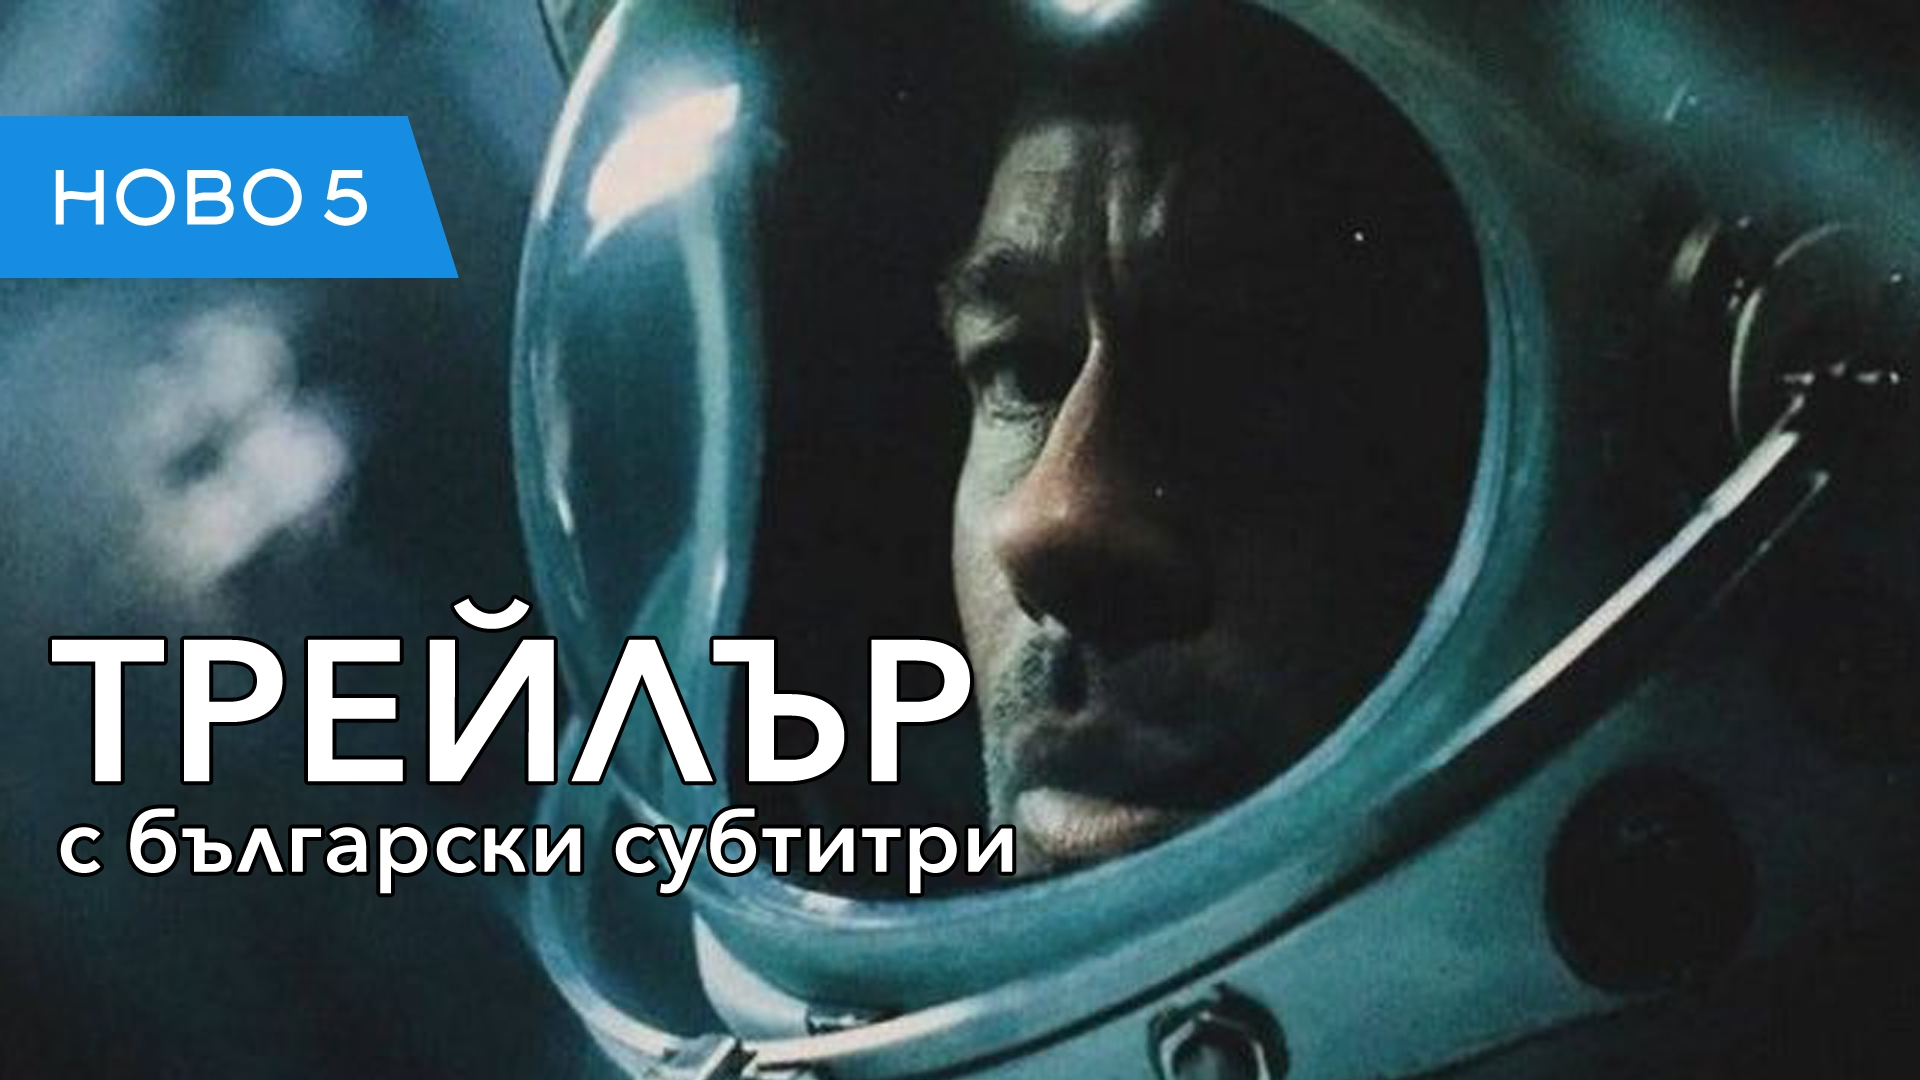 Към звездите (2019) трейлър с български субтитри